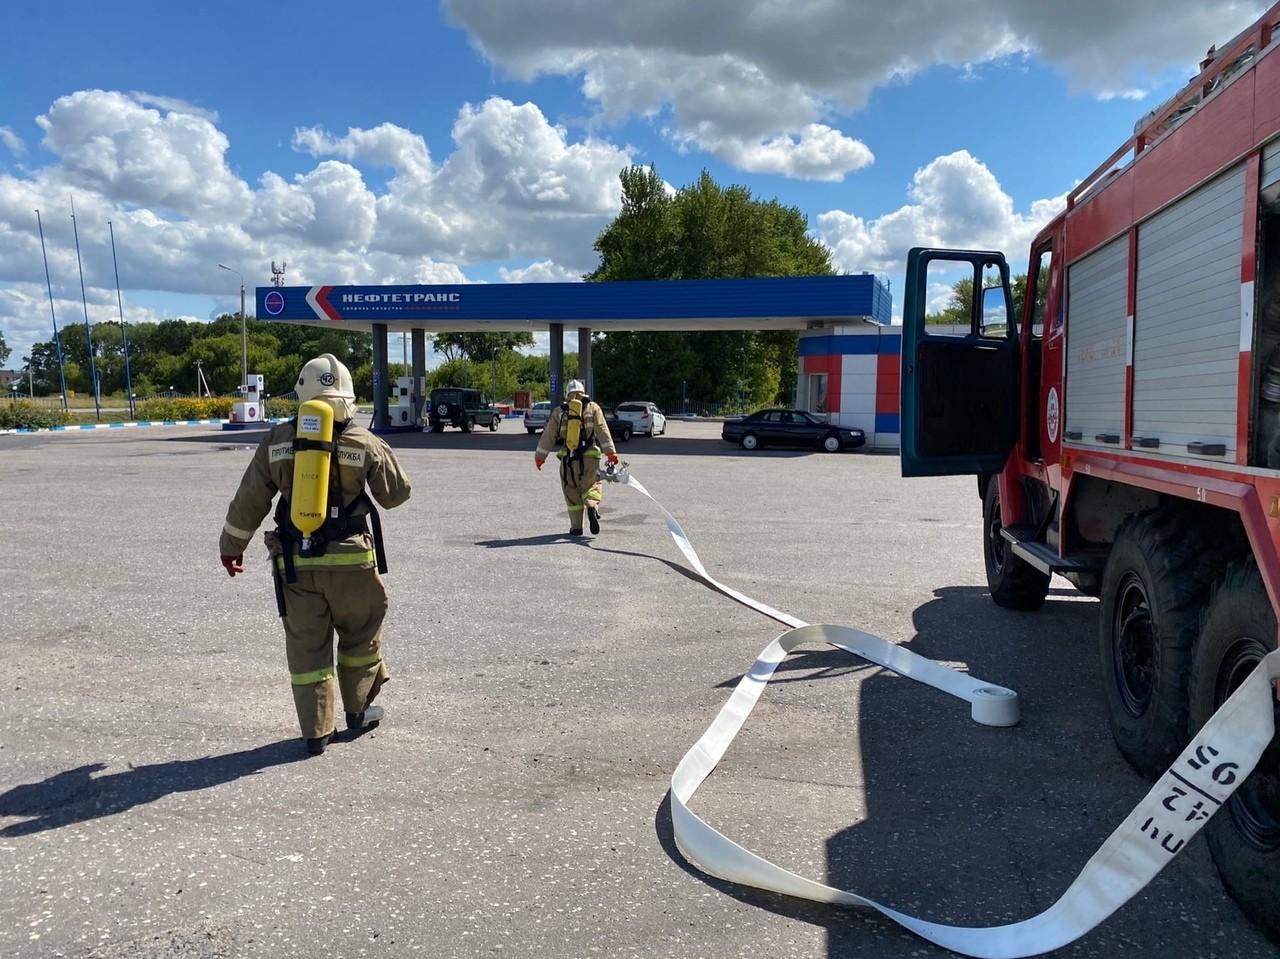 СП АЗС: требования пожарной безопасности. Как соблюсти?